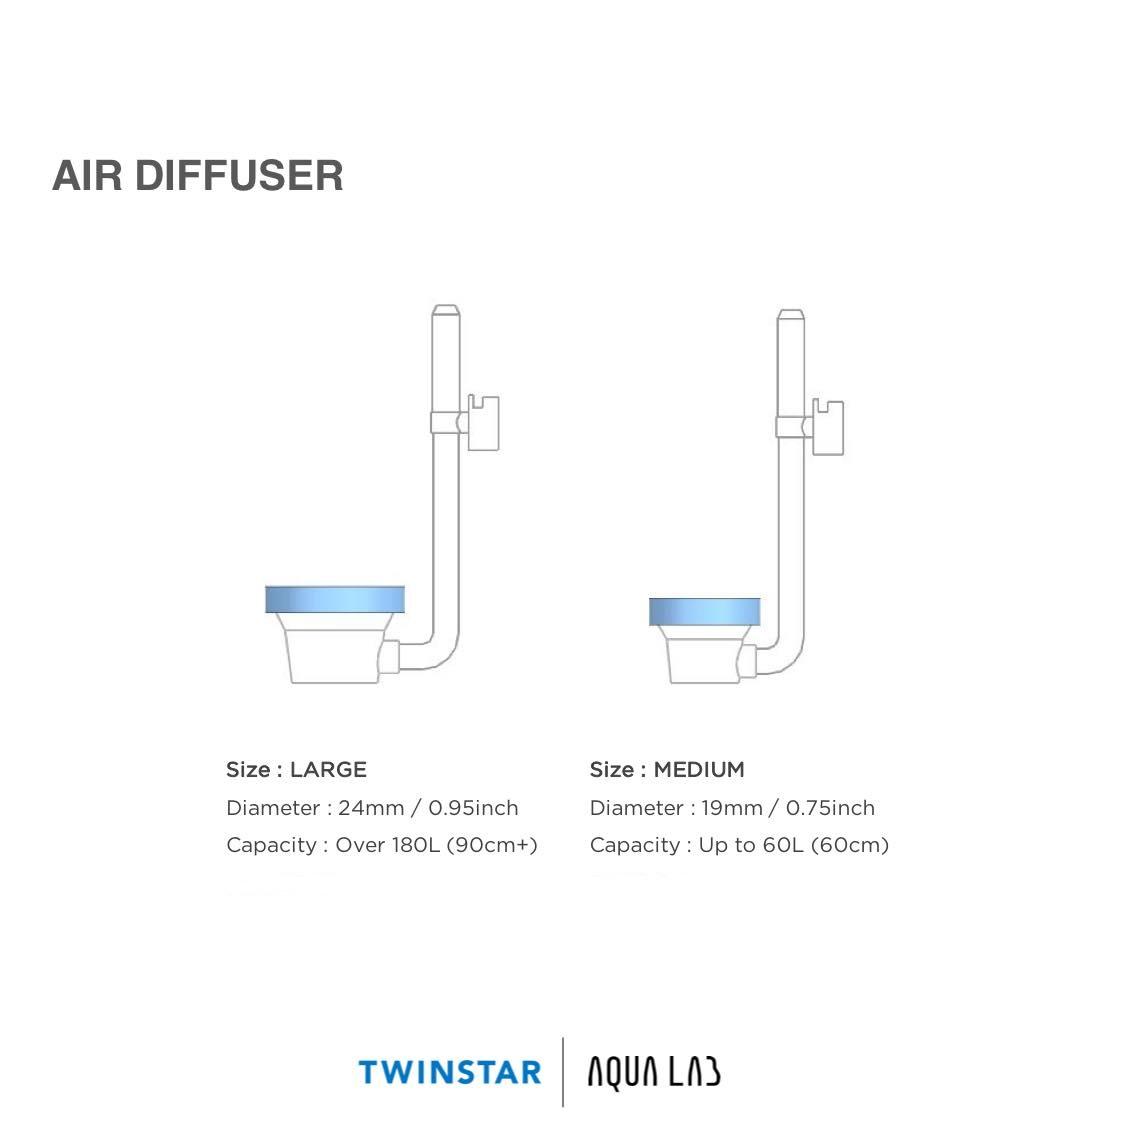 TWINSTAR DIFFUSER O2 Diffuser Size M ตัวกระจายอ๊อกซิเจน รุ่นใหม่ล่าสุด ปี 2020 2